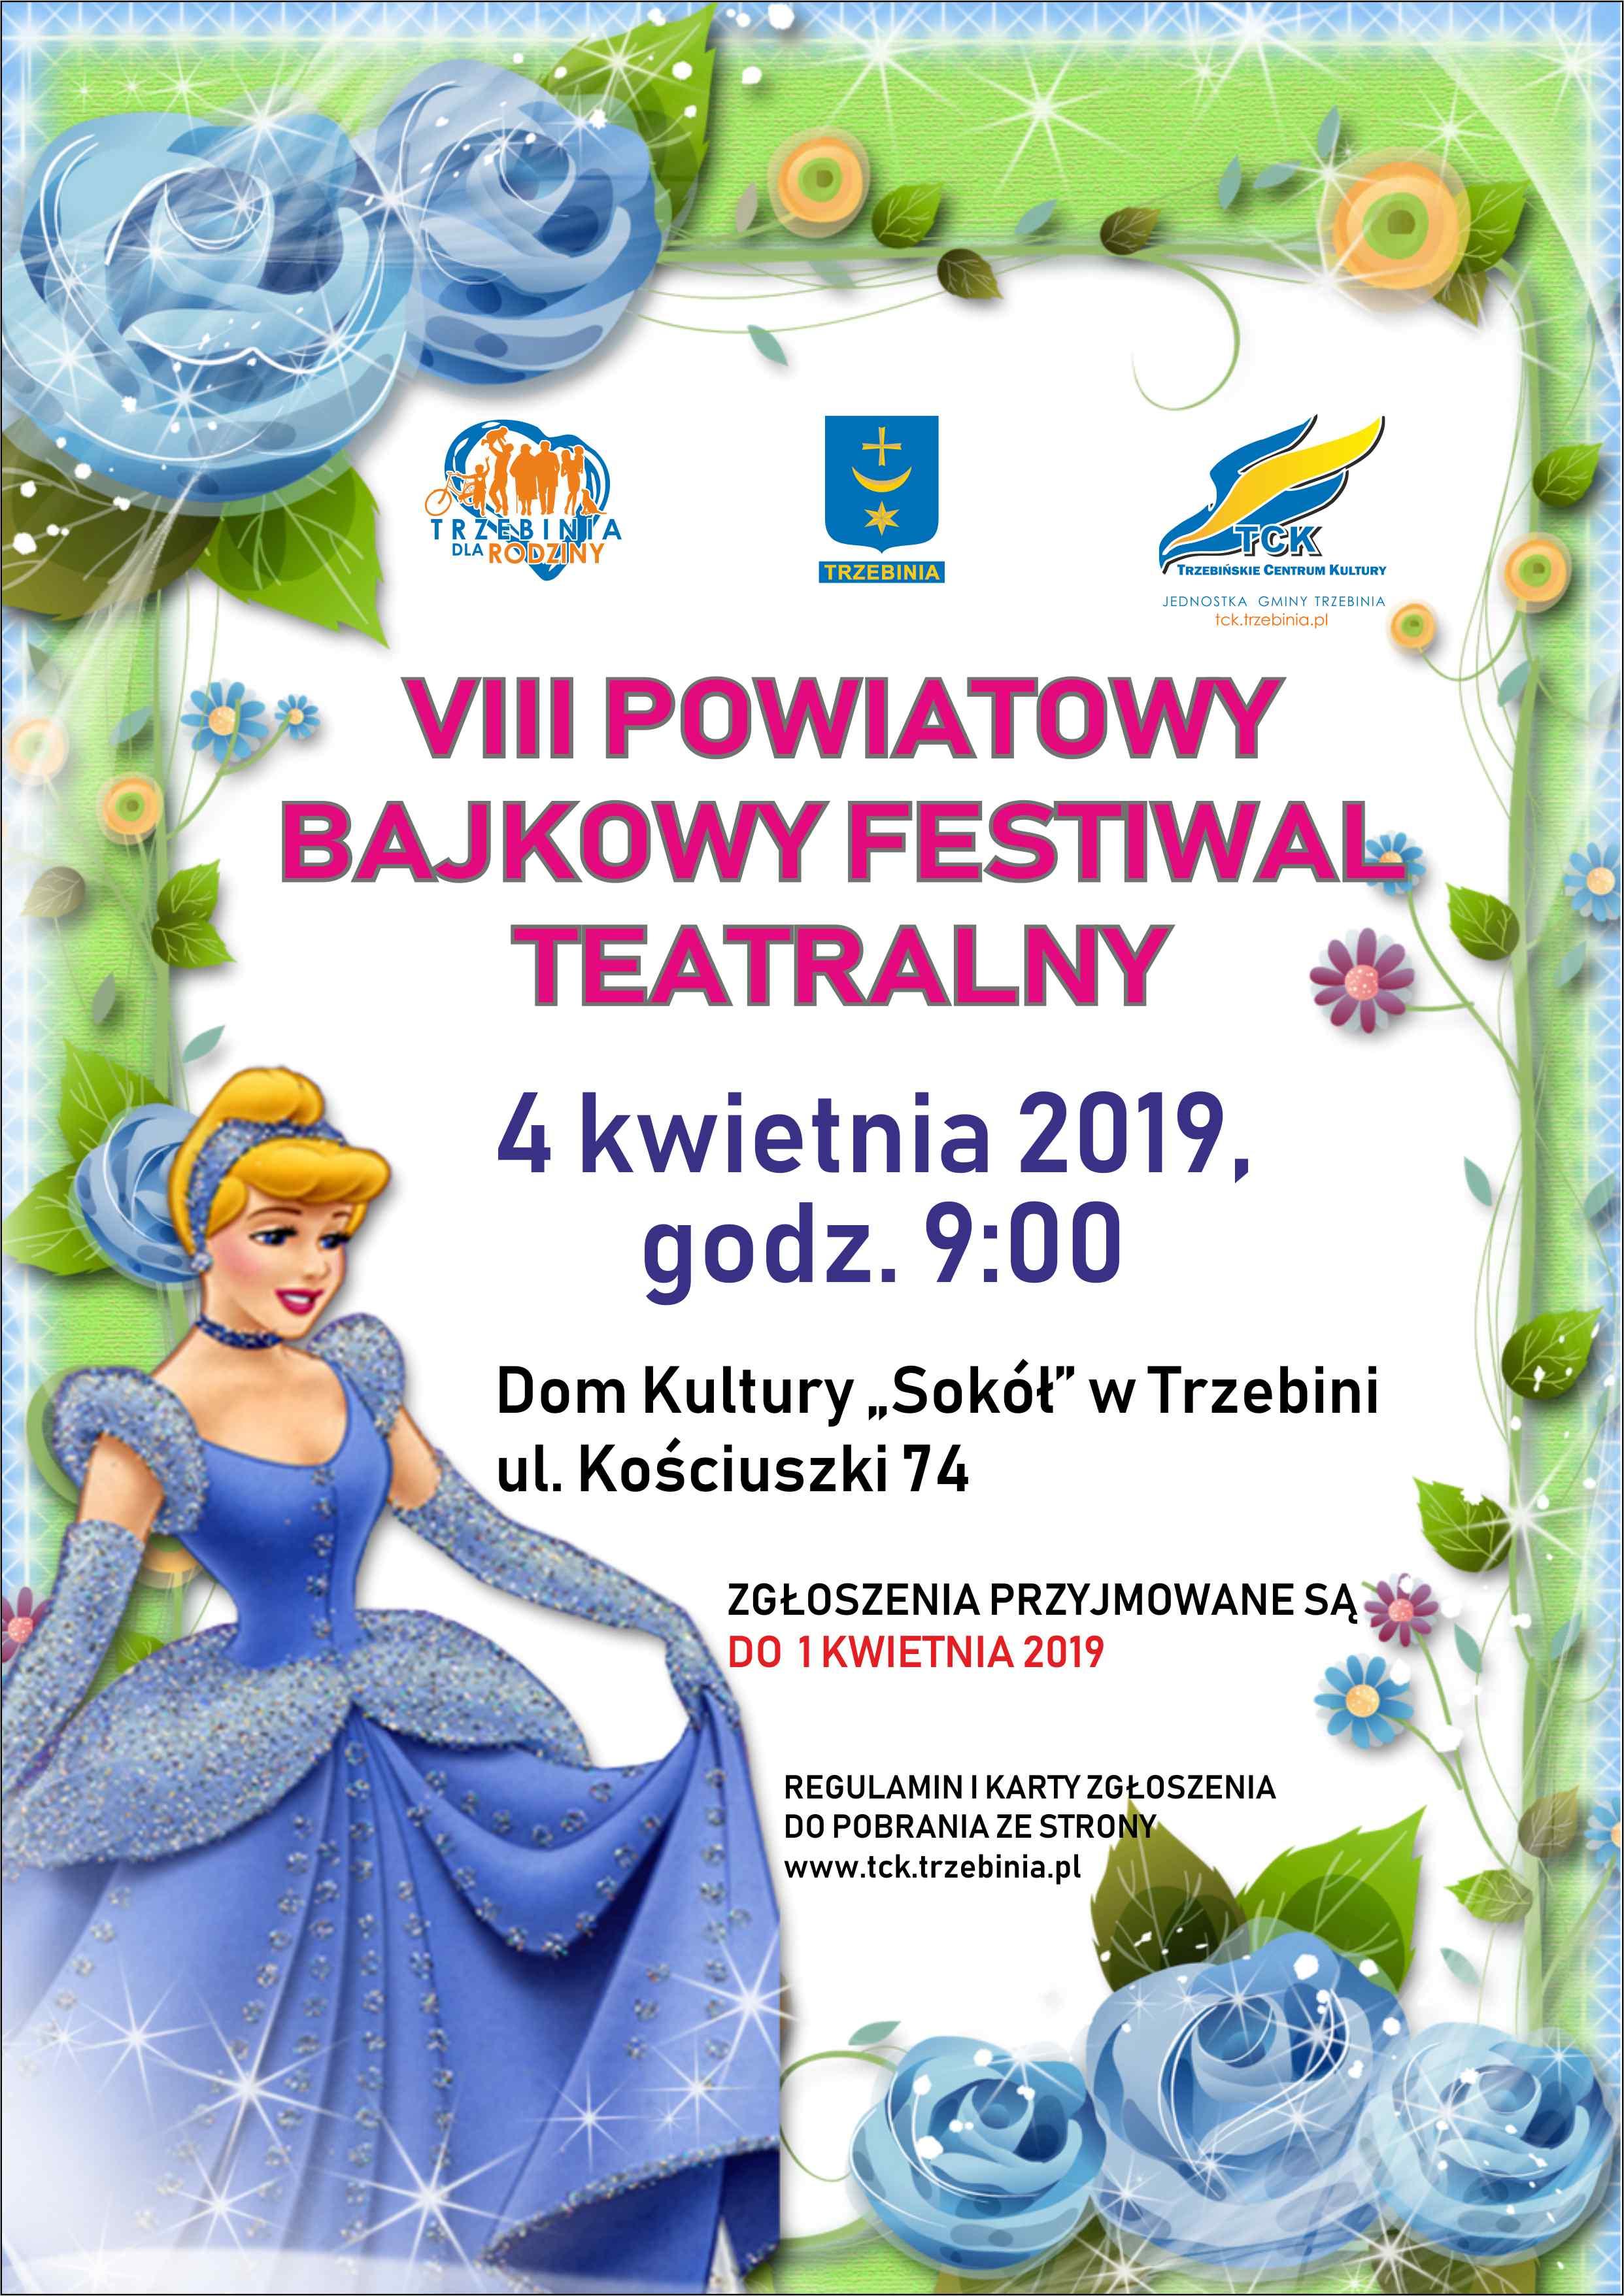 VIII Powiatowy Bajkowy Festiwal Teatralny